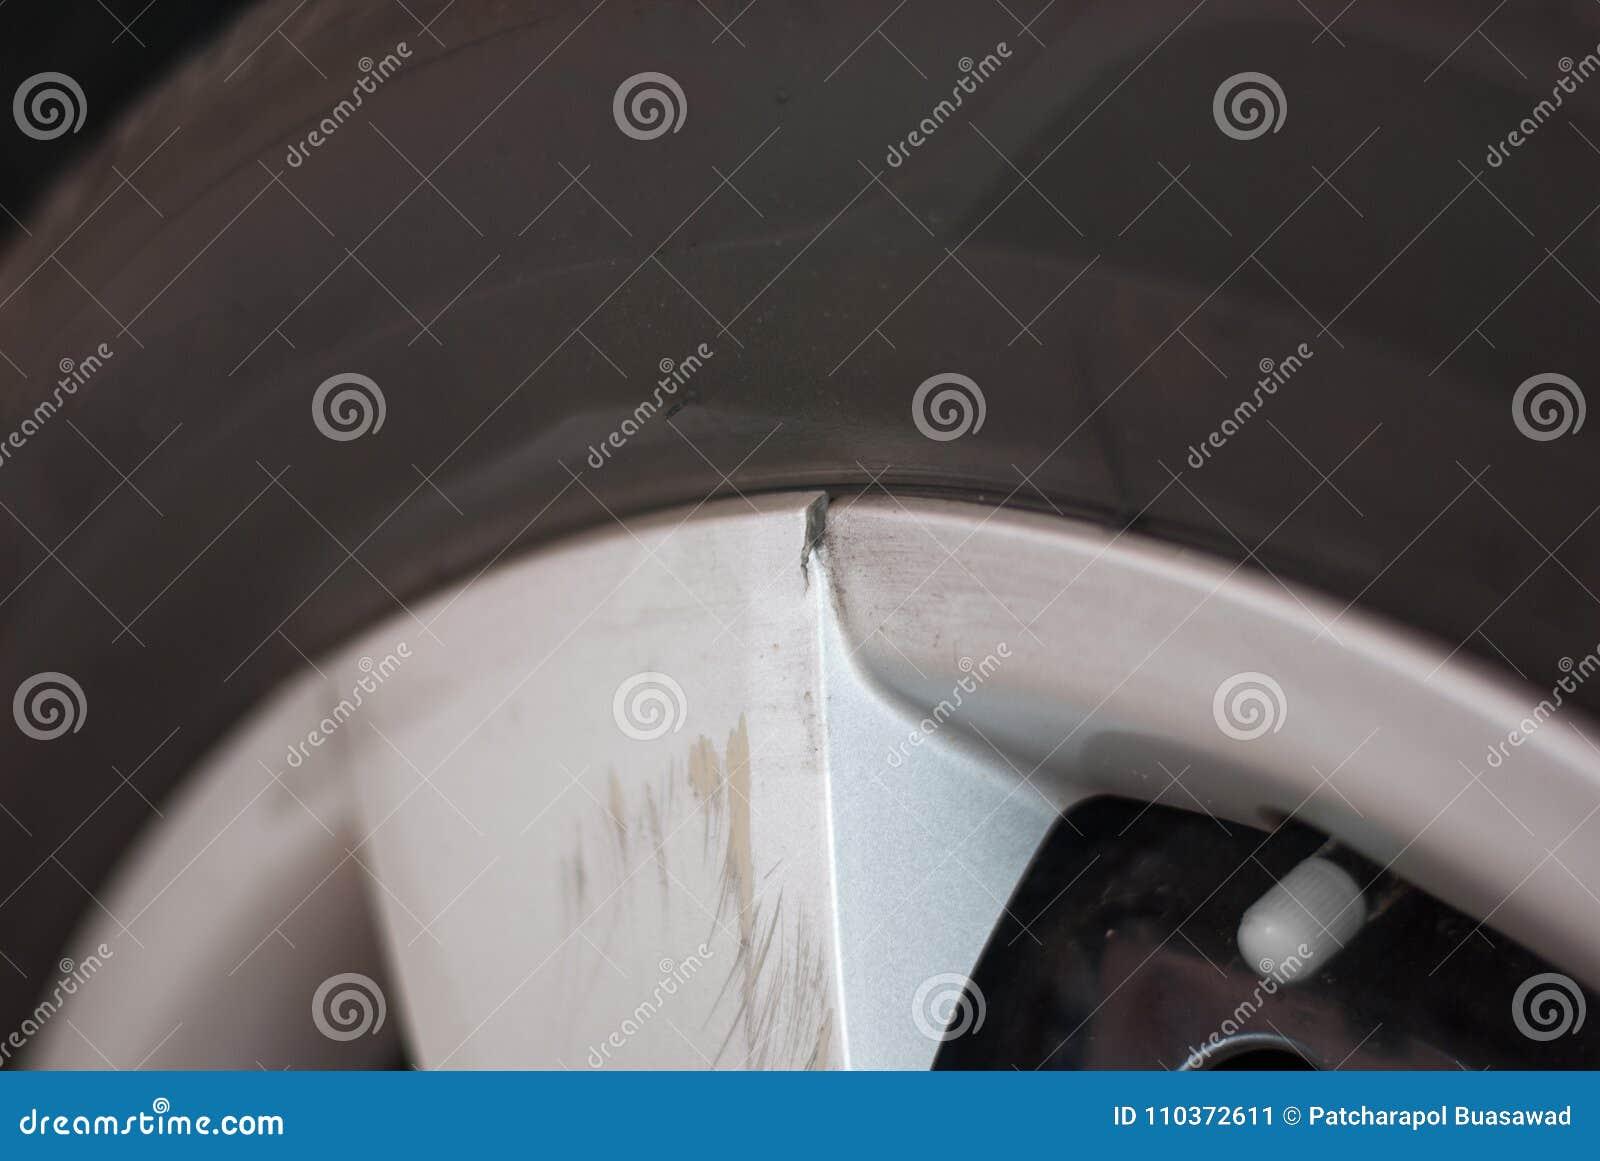 Серебряная оправа автошины автомобиля сломленна и поцарапана из-за ударять s